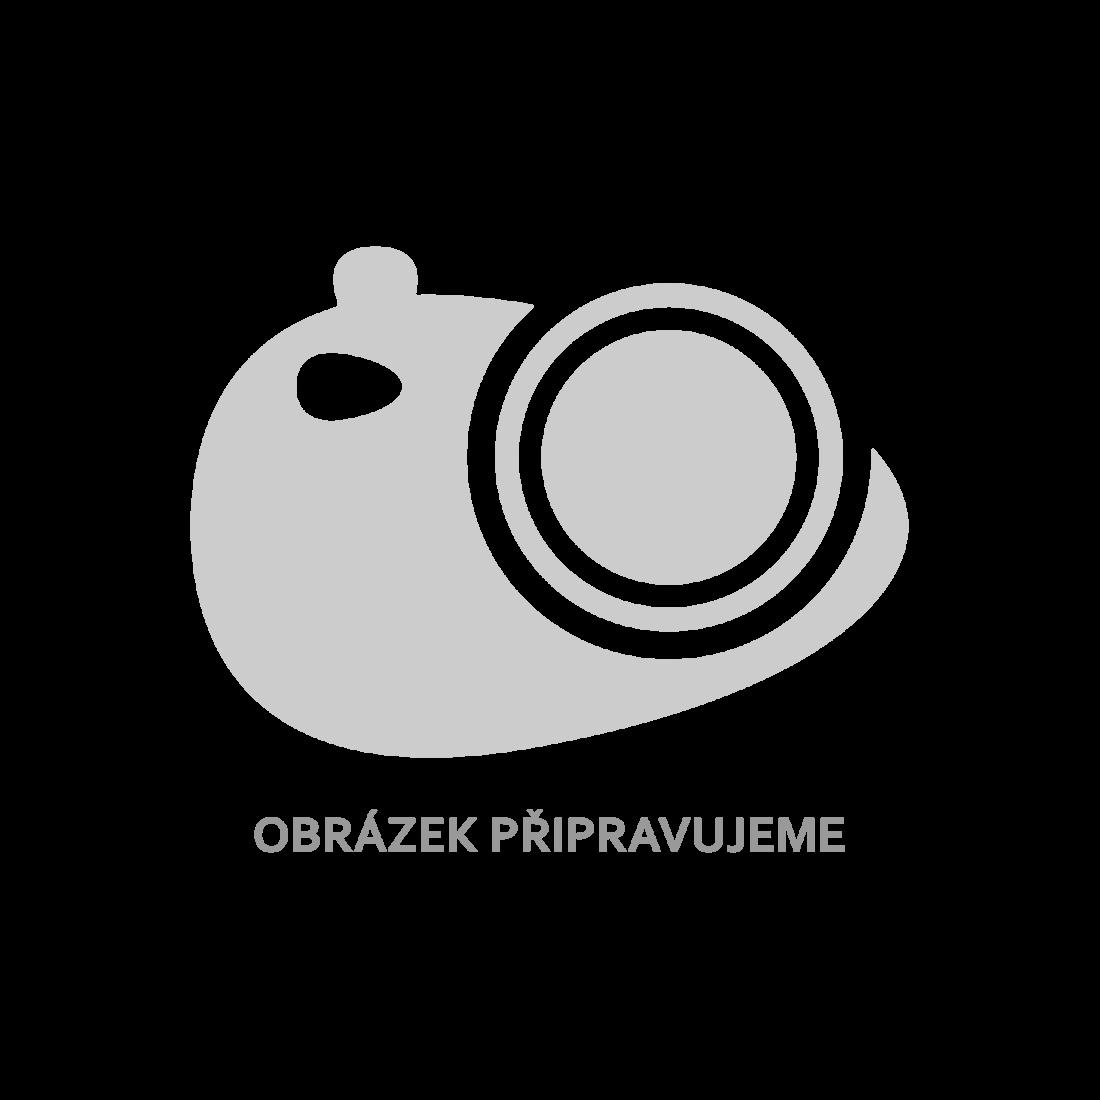 vidaXL Zahradní stůl černý 110 x 53 x 72 cm sklo a polyratan [46452]